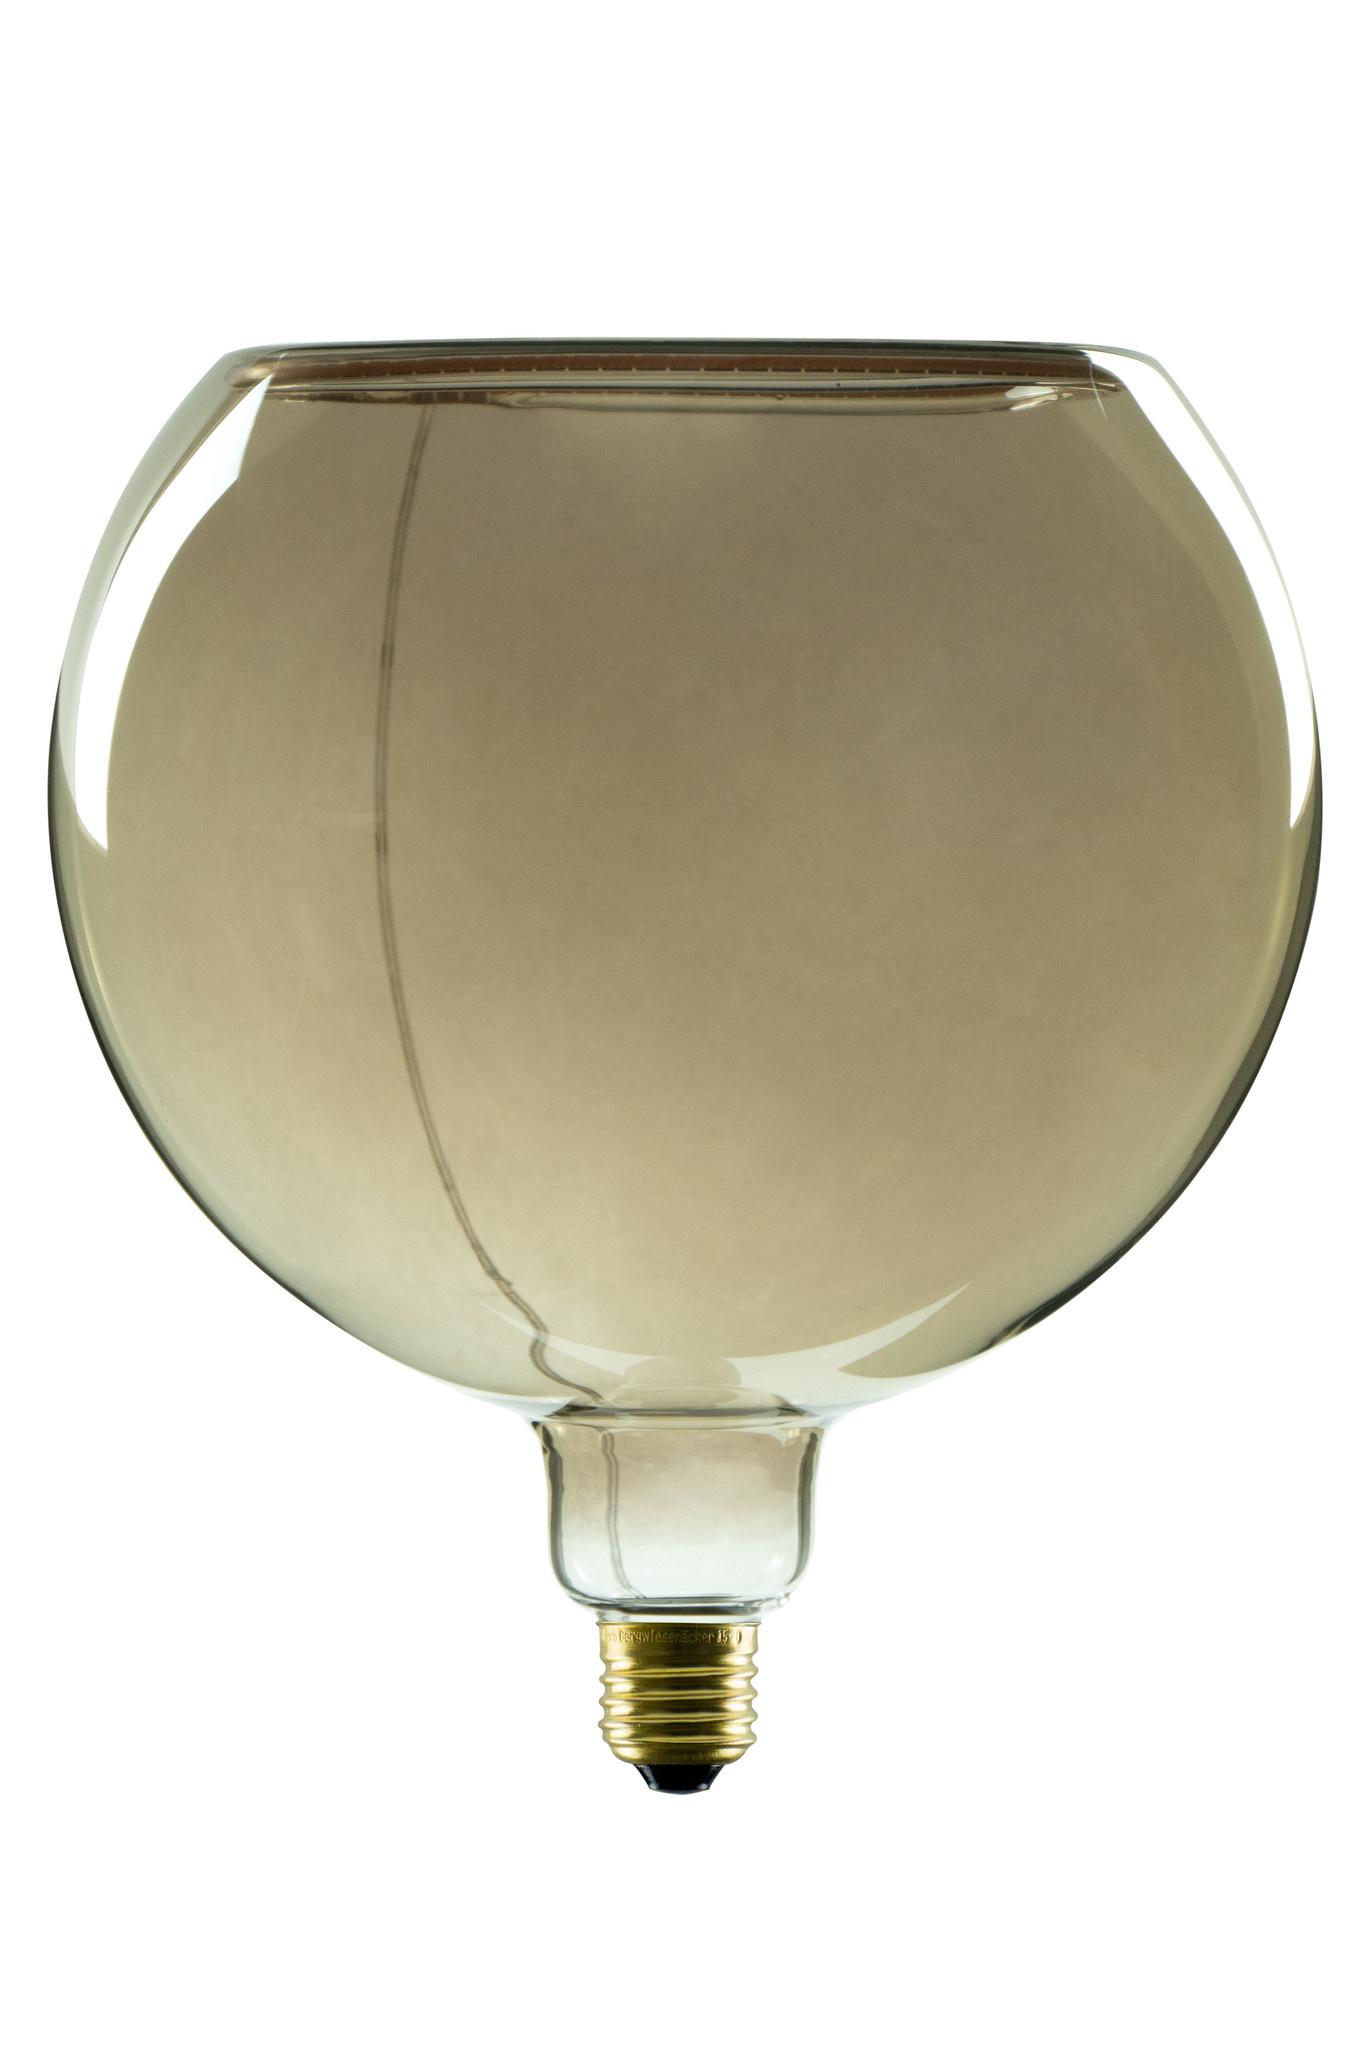 Segula Lamp Floating LED G200 8W 260LM 2000K Dimbaar Smoke